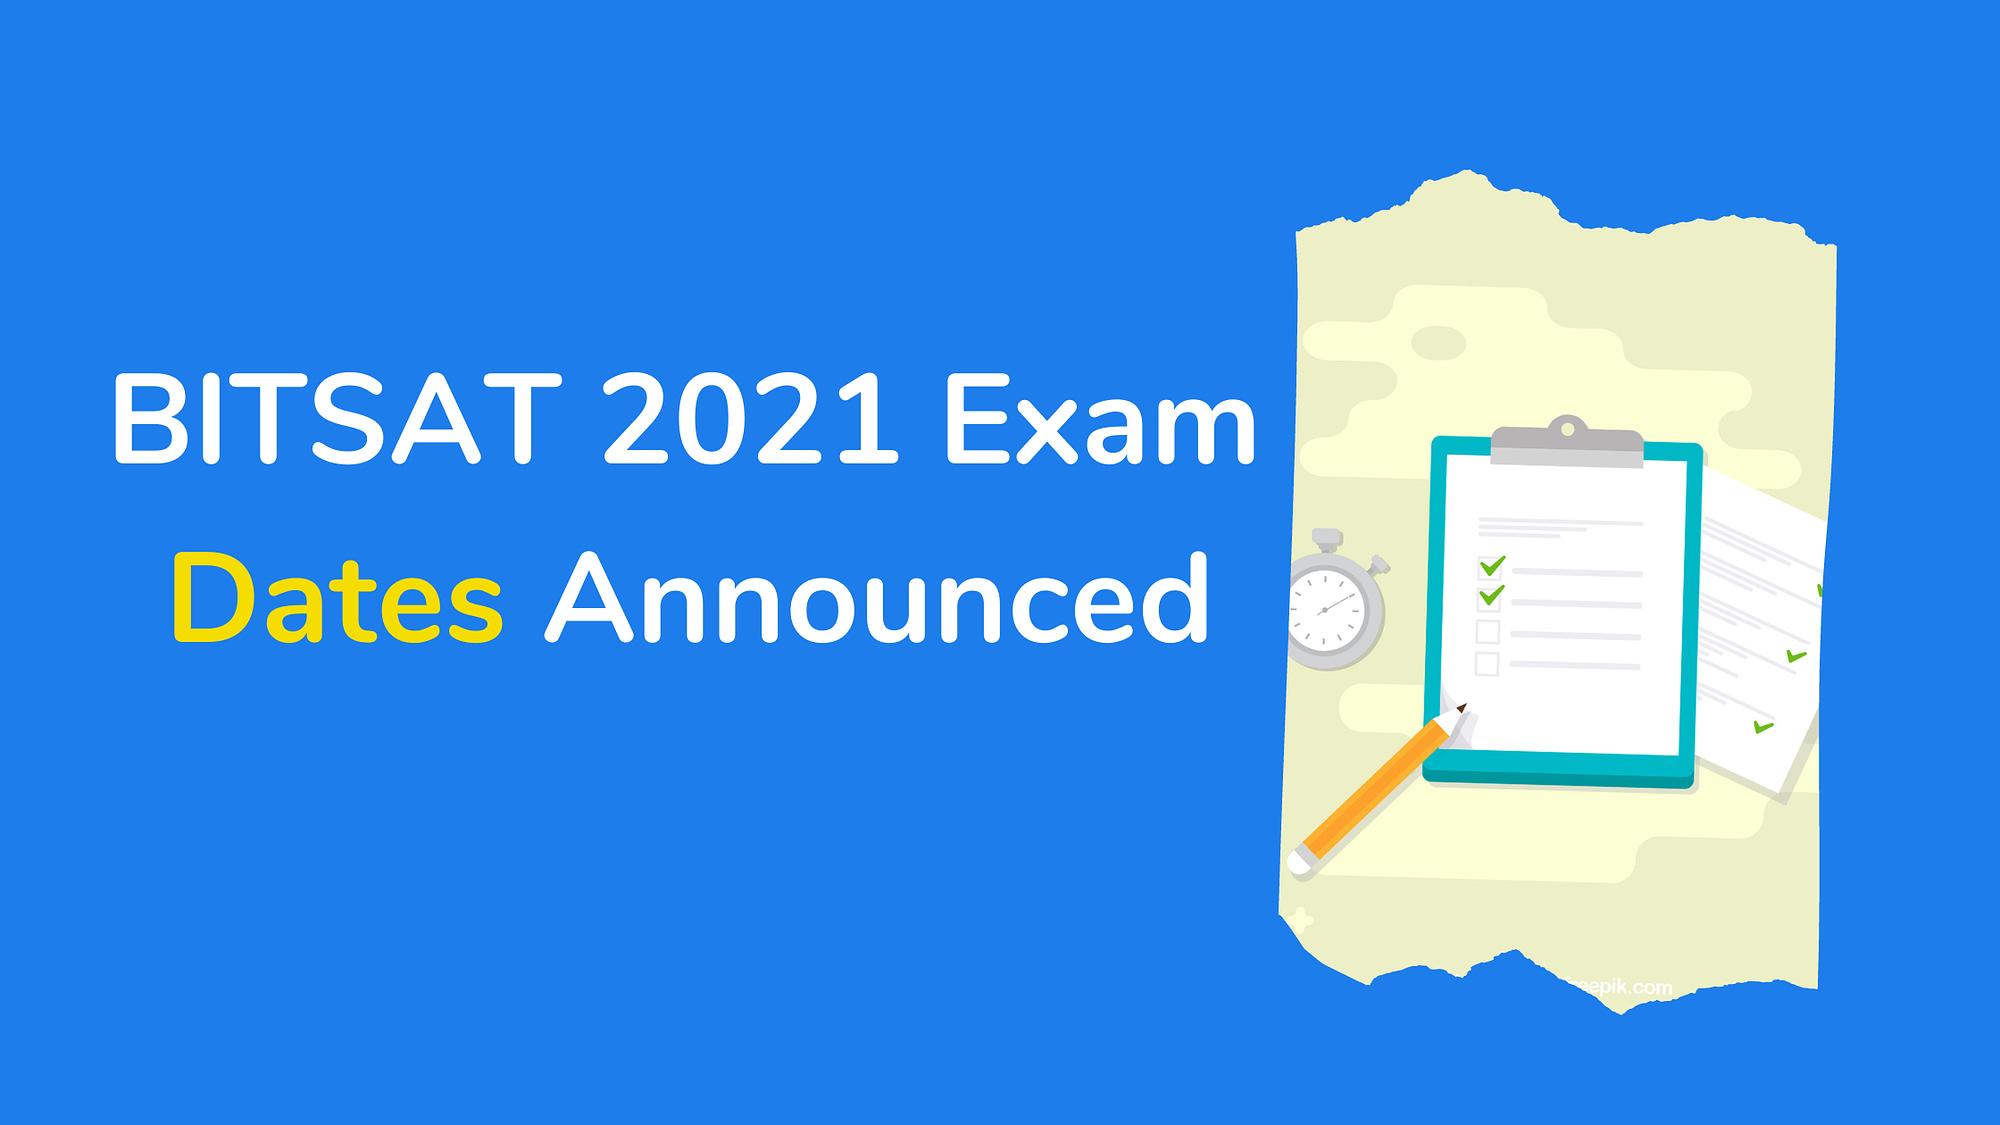 BITSAT 2021 Exam Dates